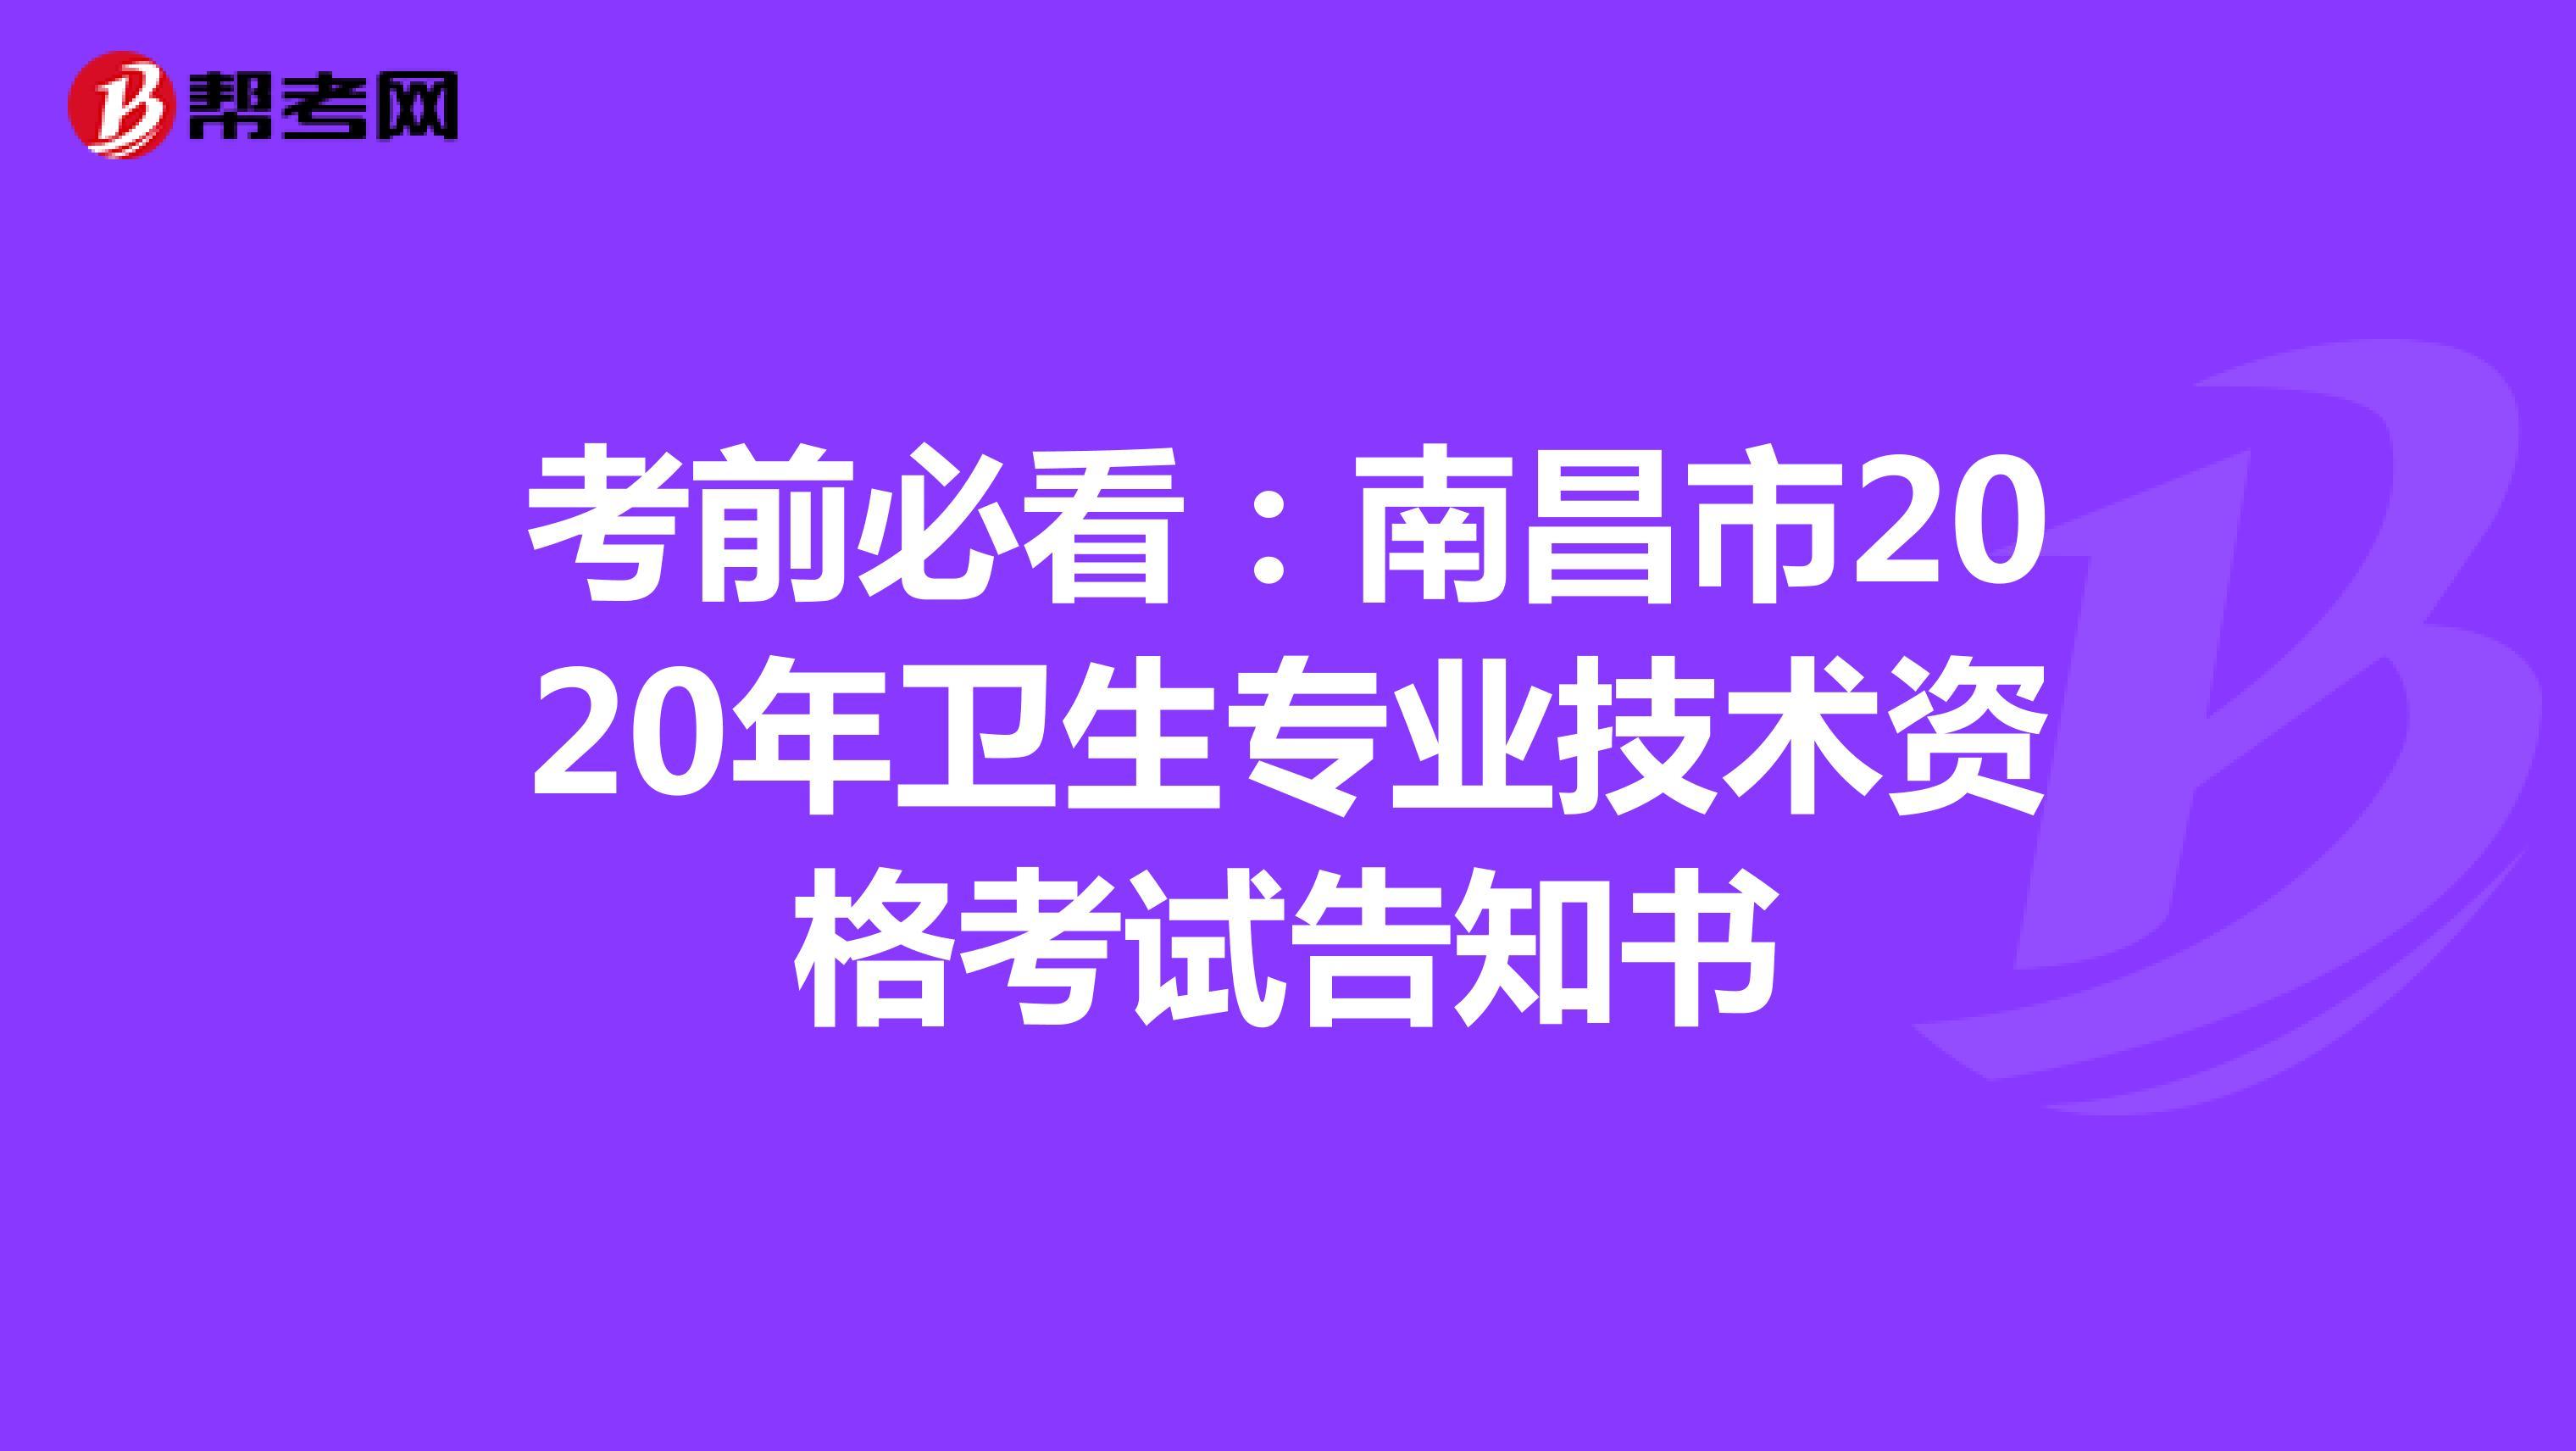 考前必看:南昌市2020年卫生专业技术资格考试告知书